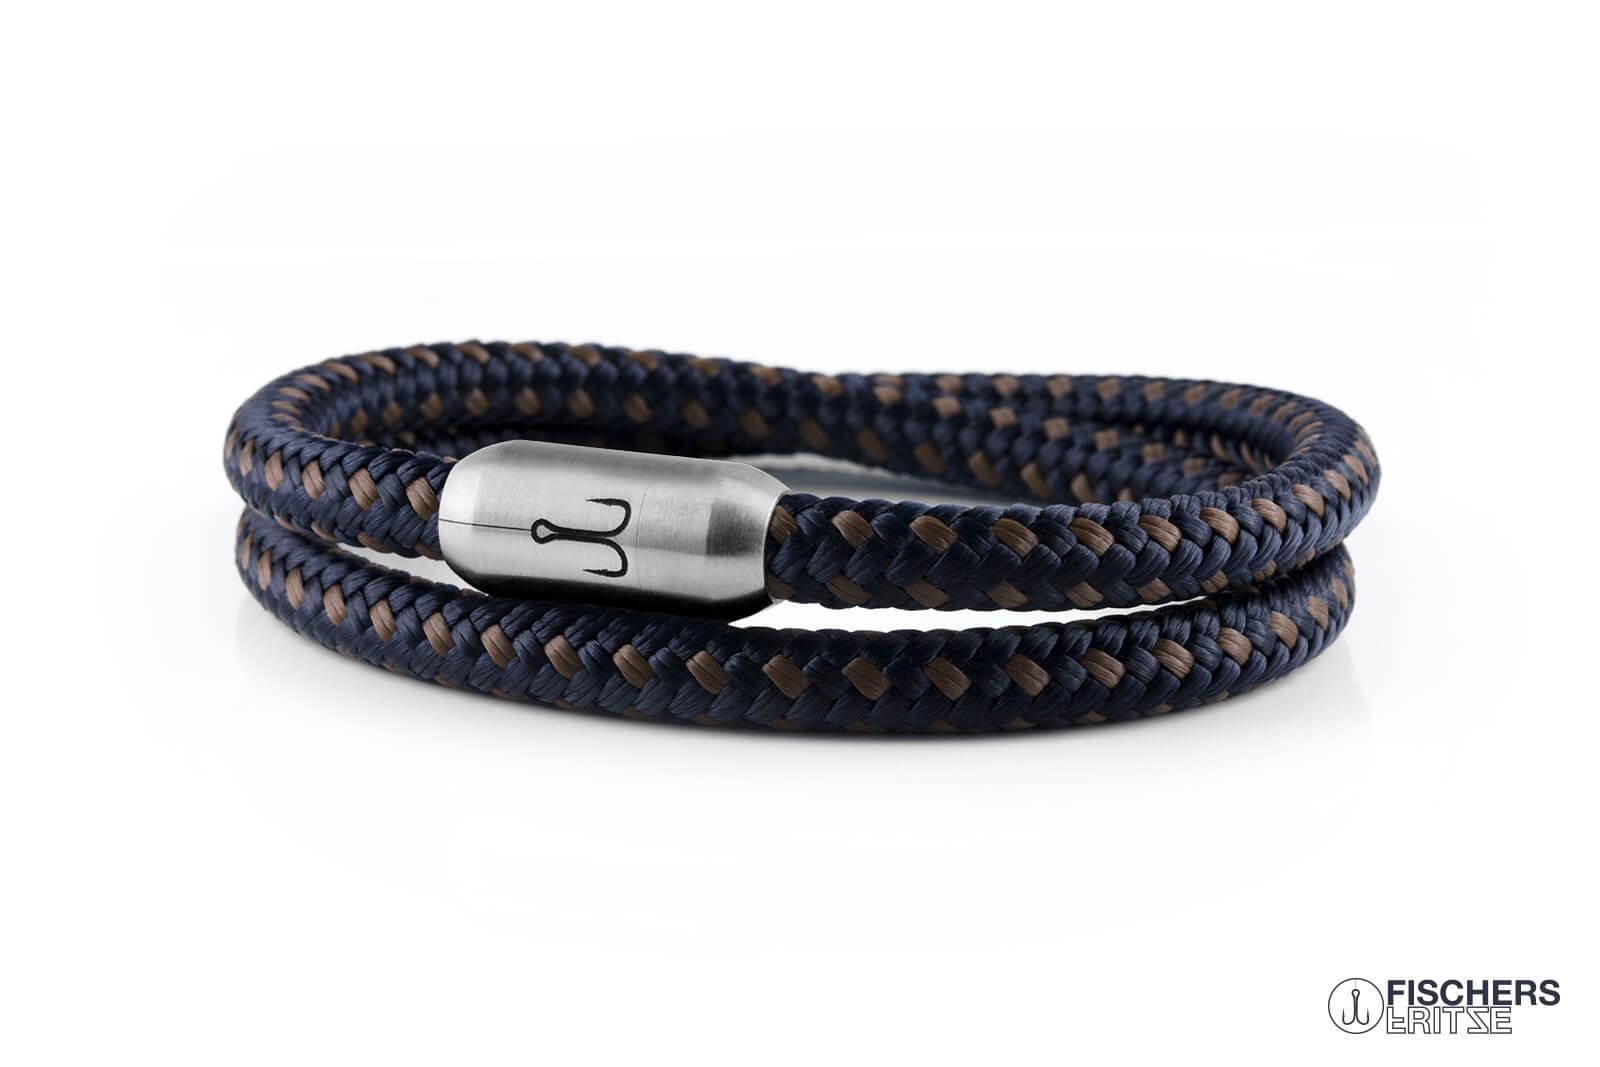 armband-fischers-fritze-garnele-fynn-marineblau-braun-segeltau